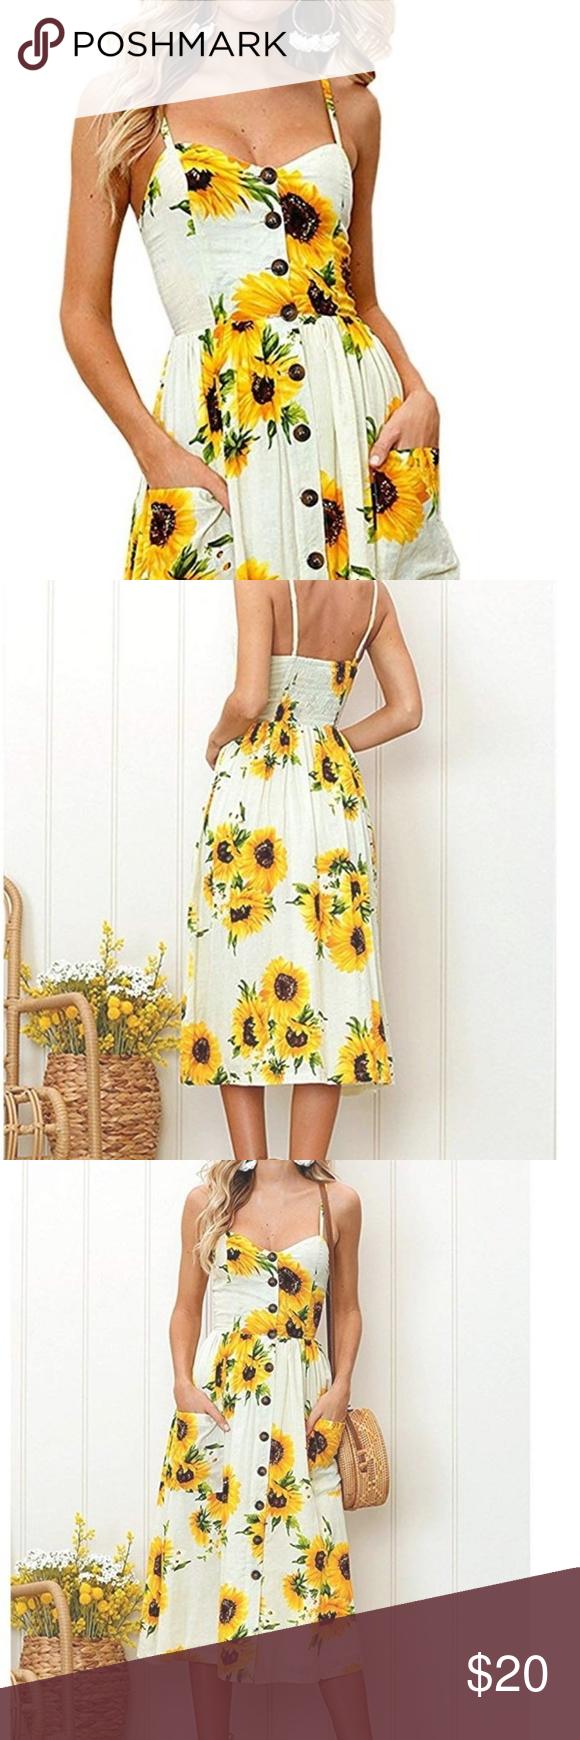 Sunflower Dress Sunflower Dress Clothes Design Dresses [ 1740 x 580 Pixel ]